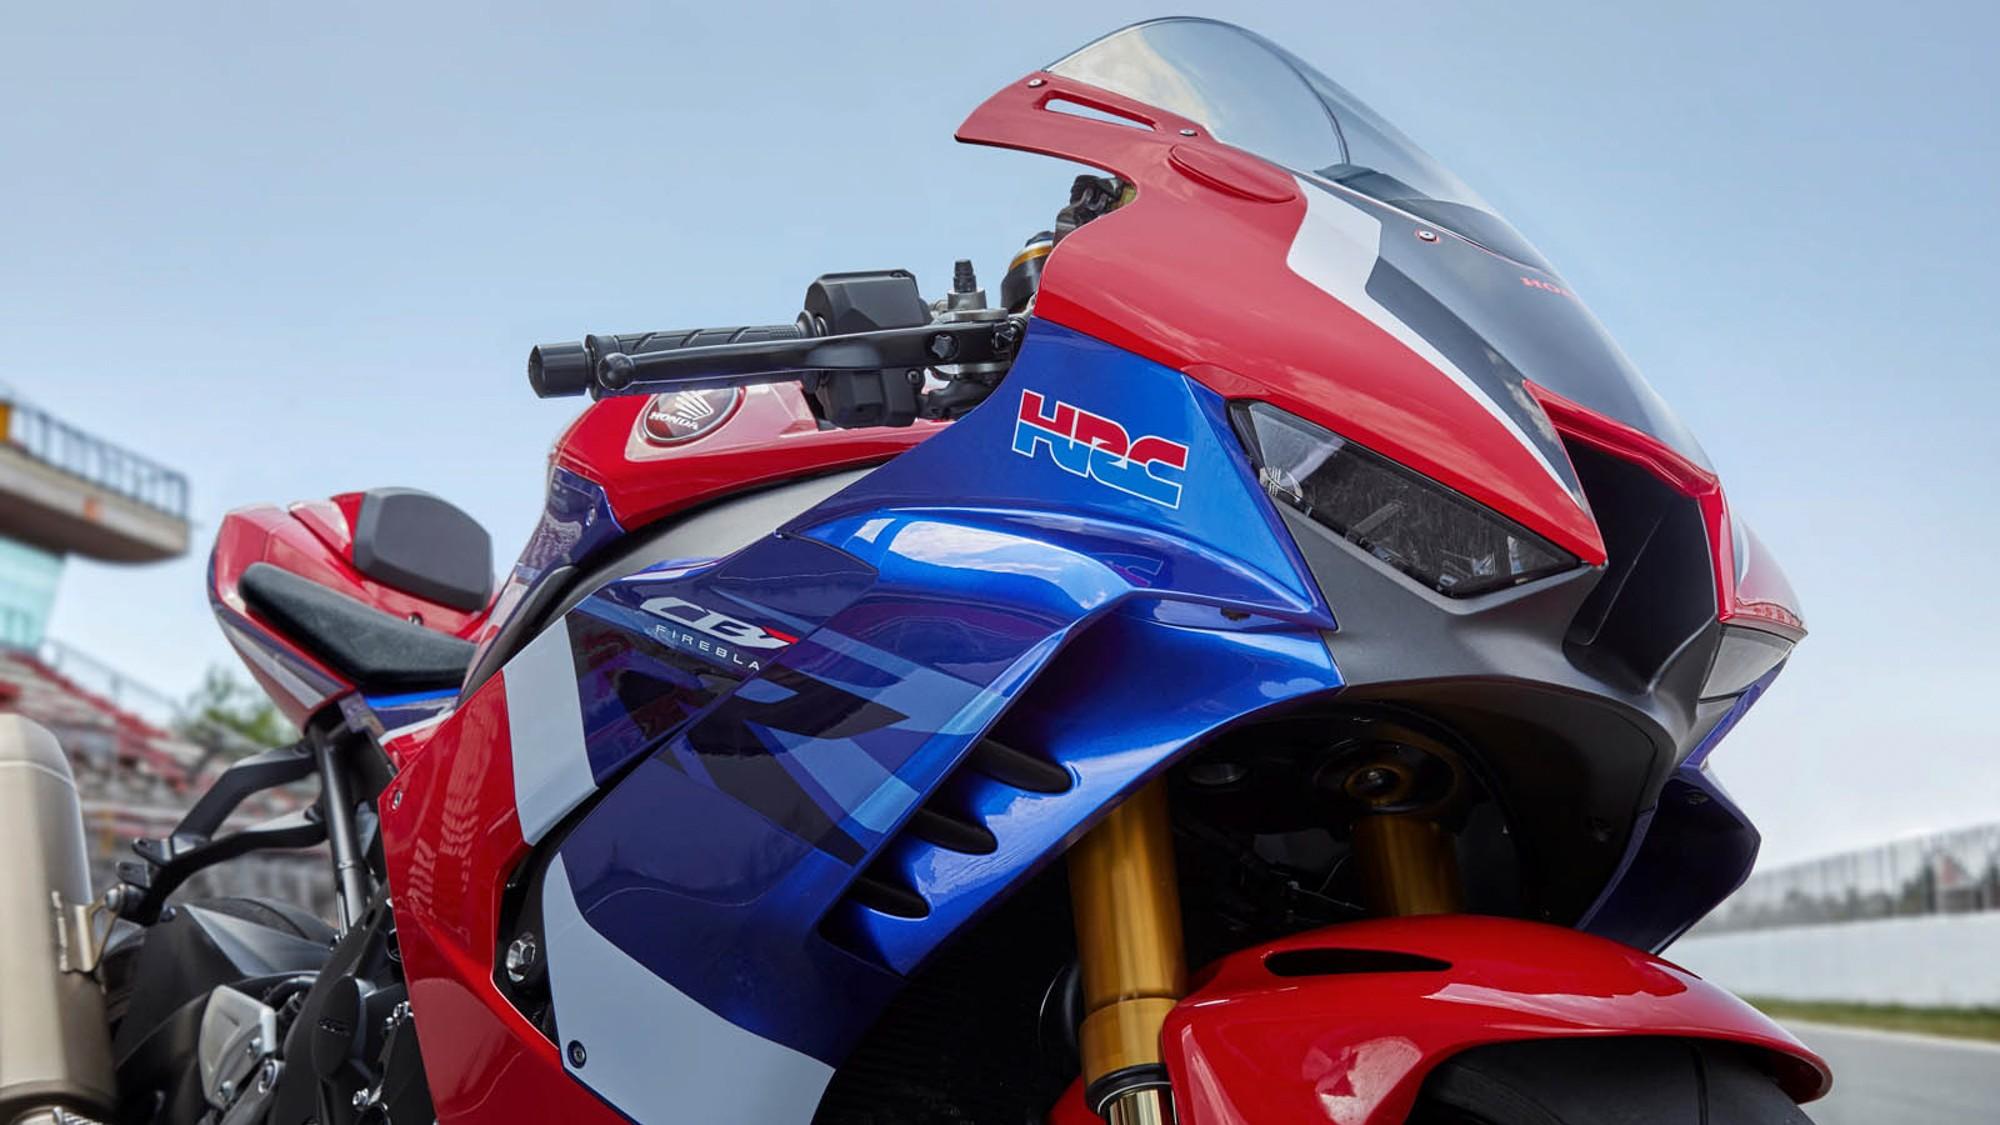 Nova moto honda 2020